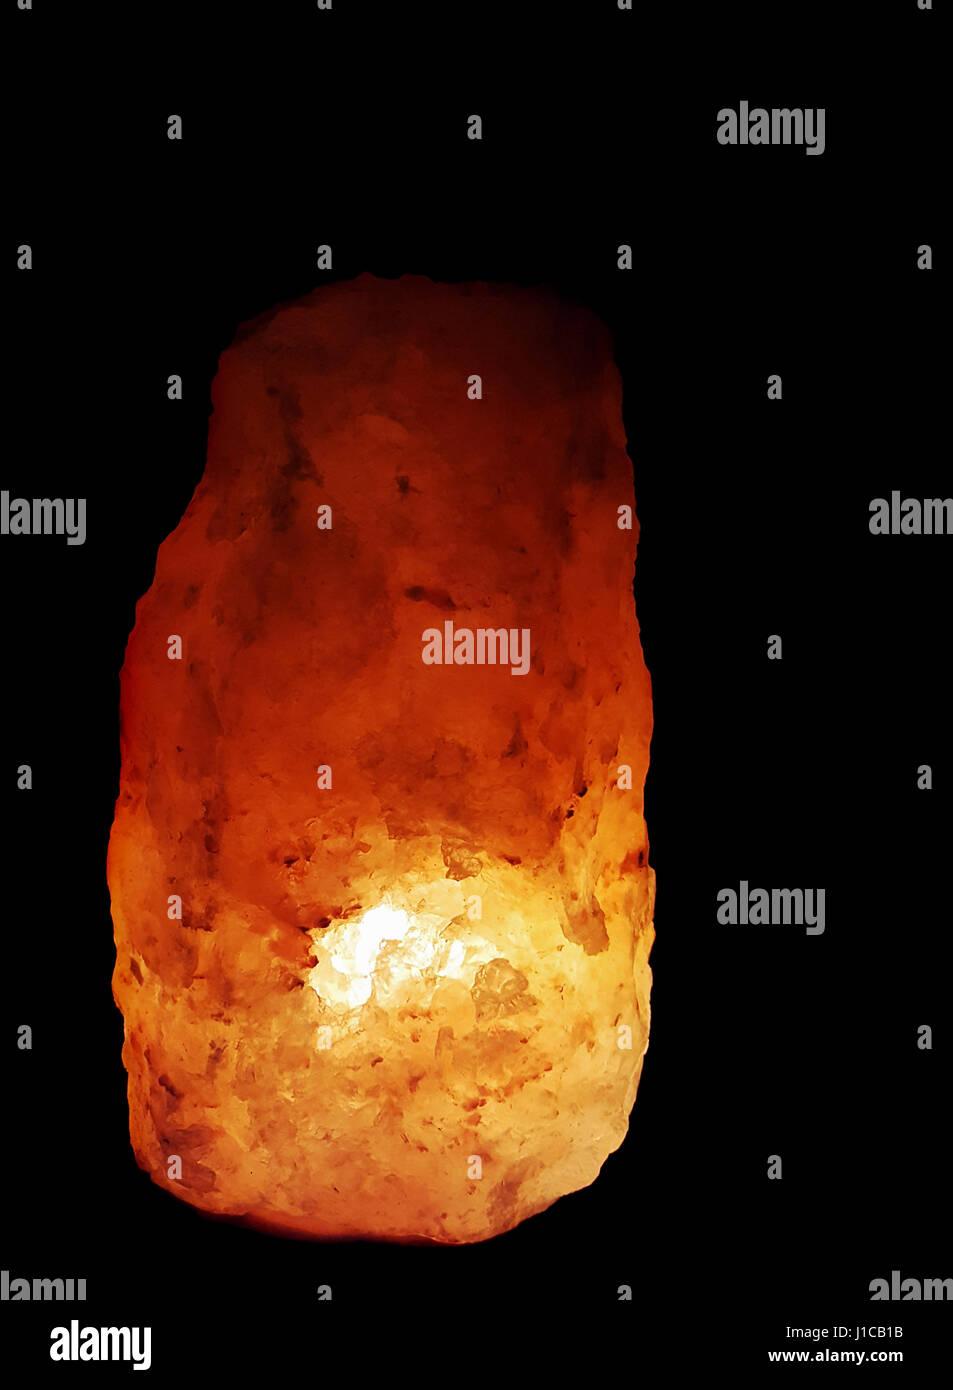 Himalayan Salt Lamps Dark : Himalayan Salt Lamp Stock Photos & Himalayan Salt Lamp Stock Images - Alamy